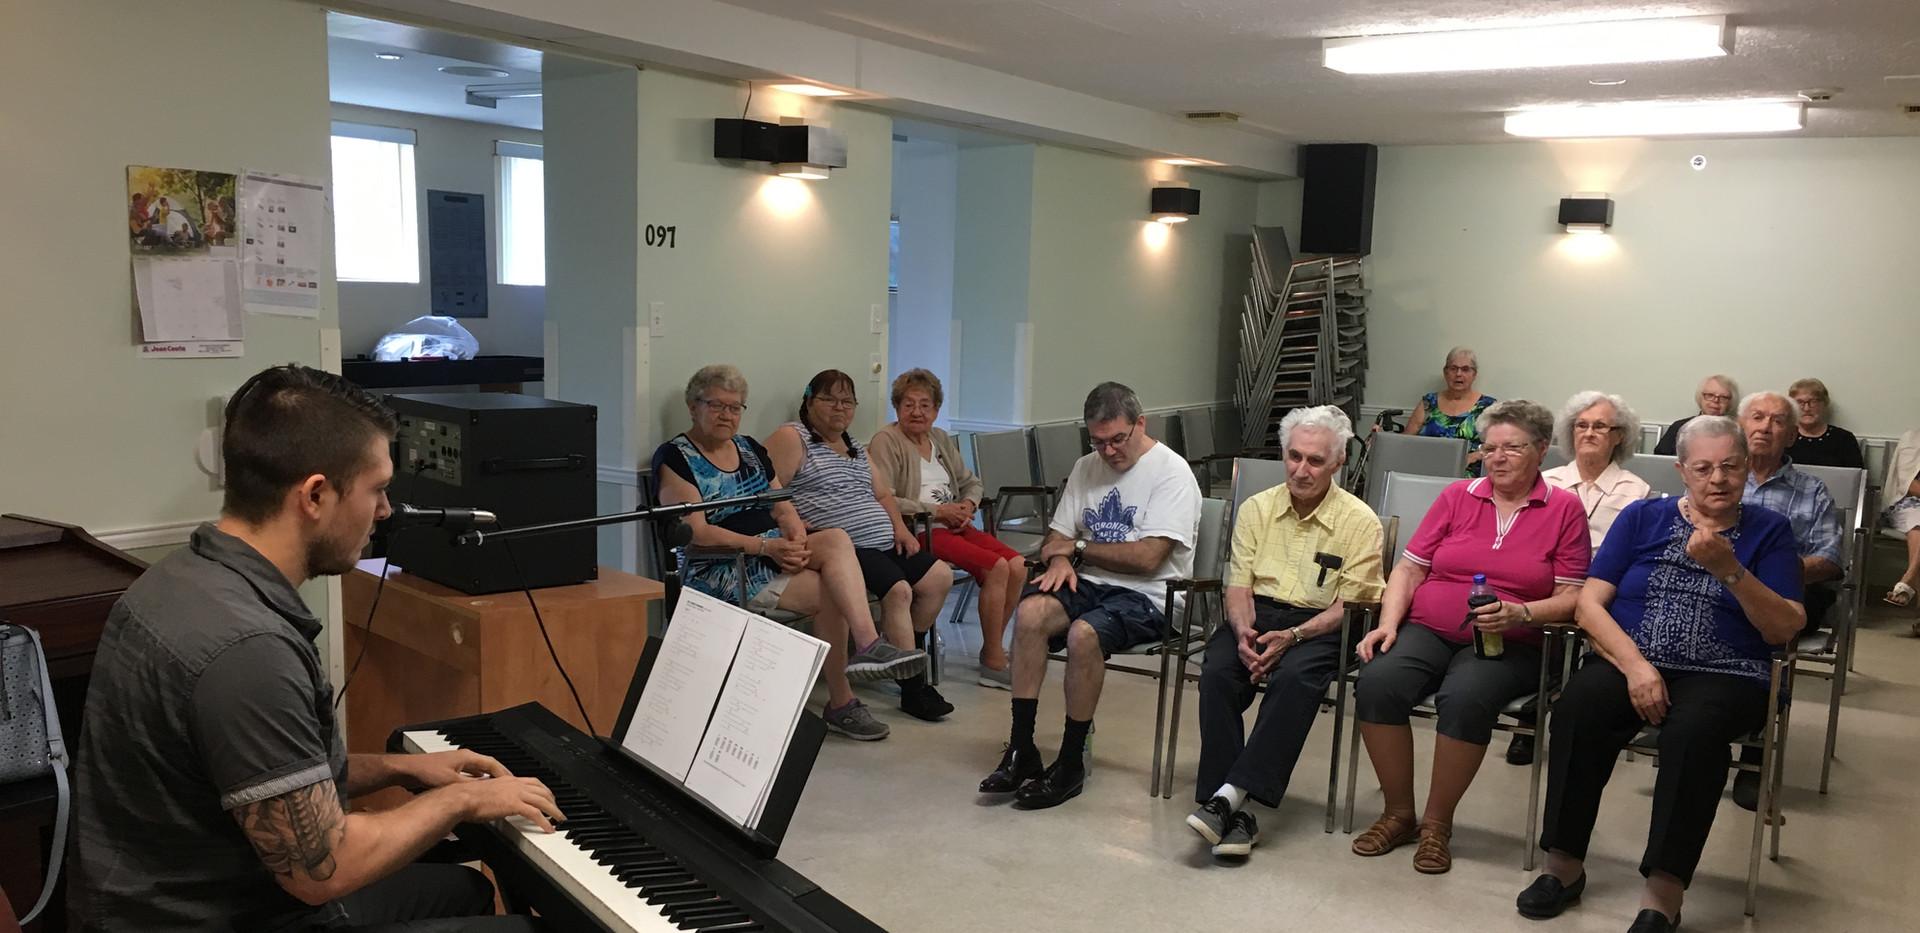 Résidence pour personnes âgées en Montérégie21